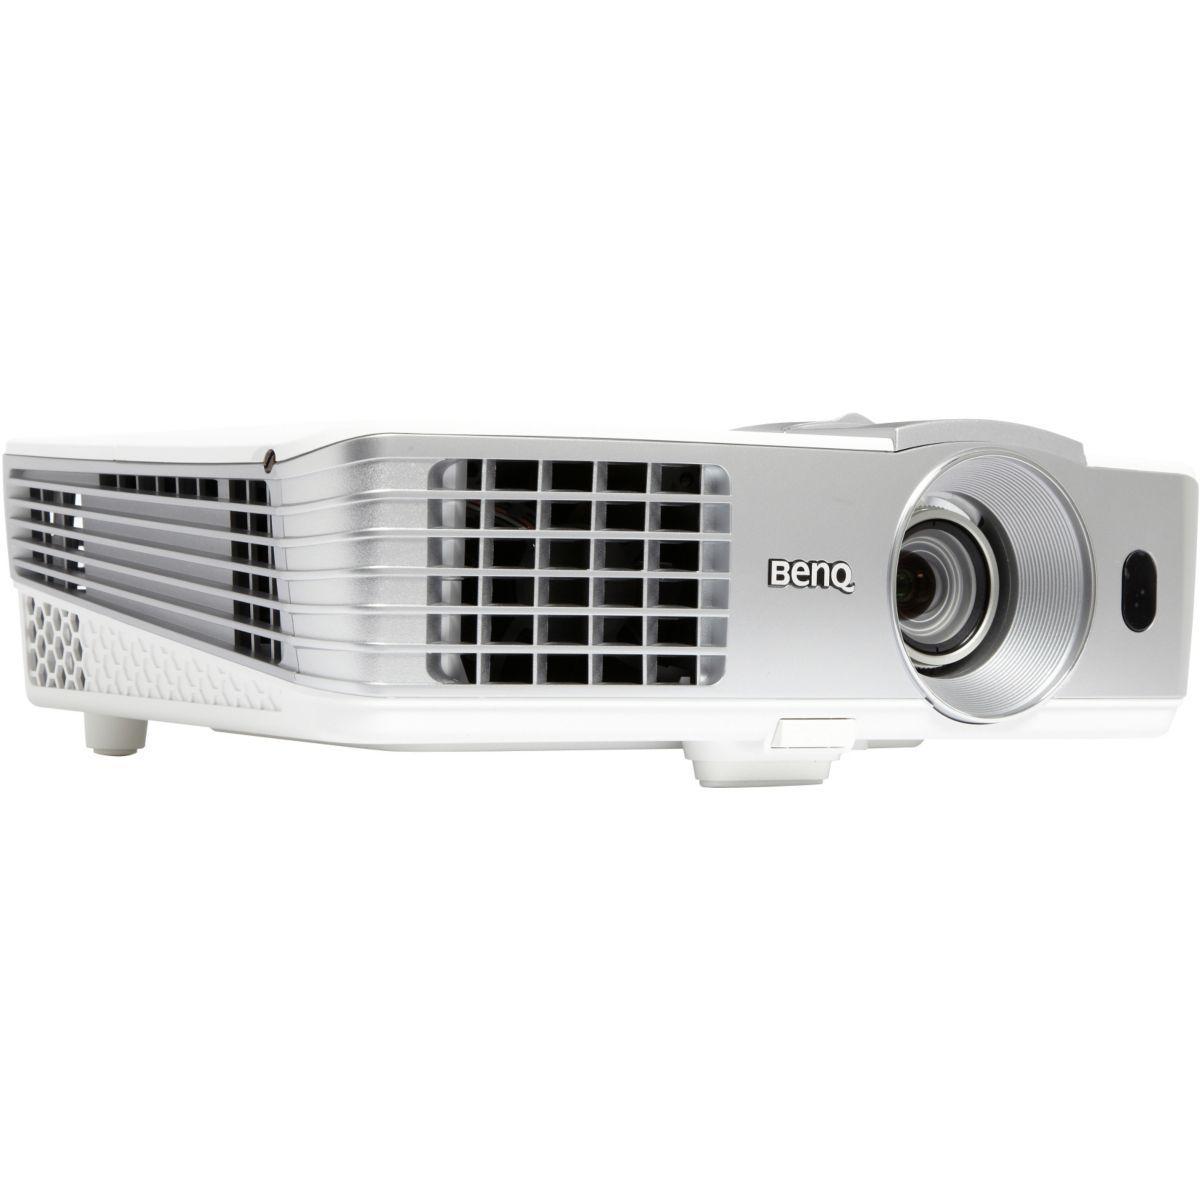 Pack promo vidéoprojecteur home cinema benq w1070+ + barre de son lg las550h - soldes et bonnes affaires à prix imbattables